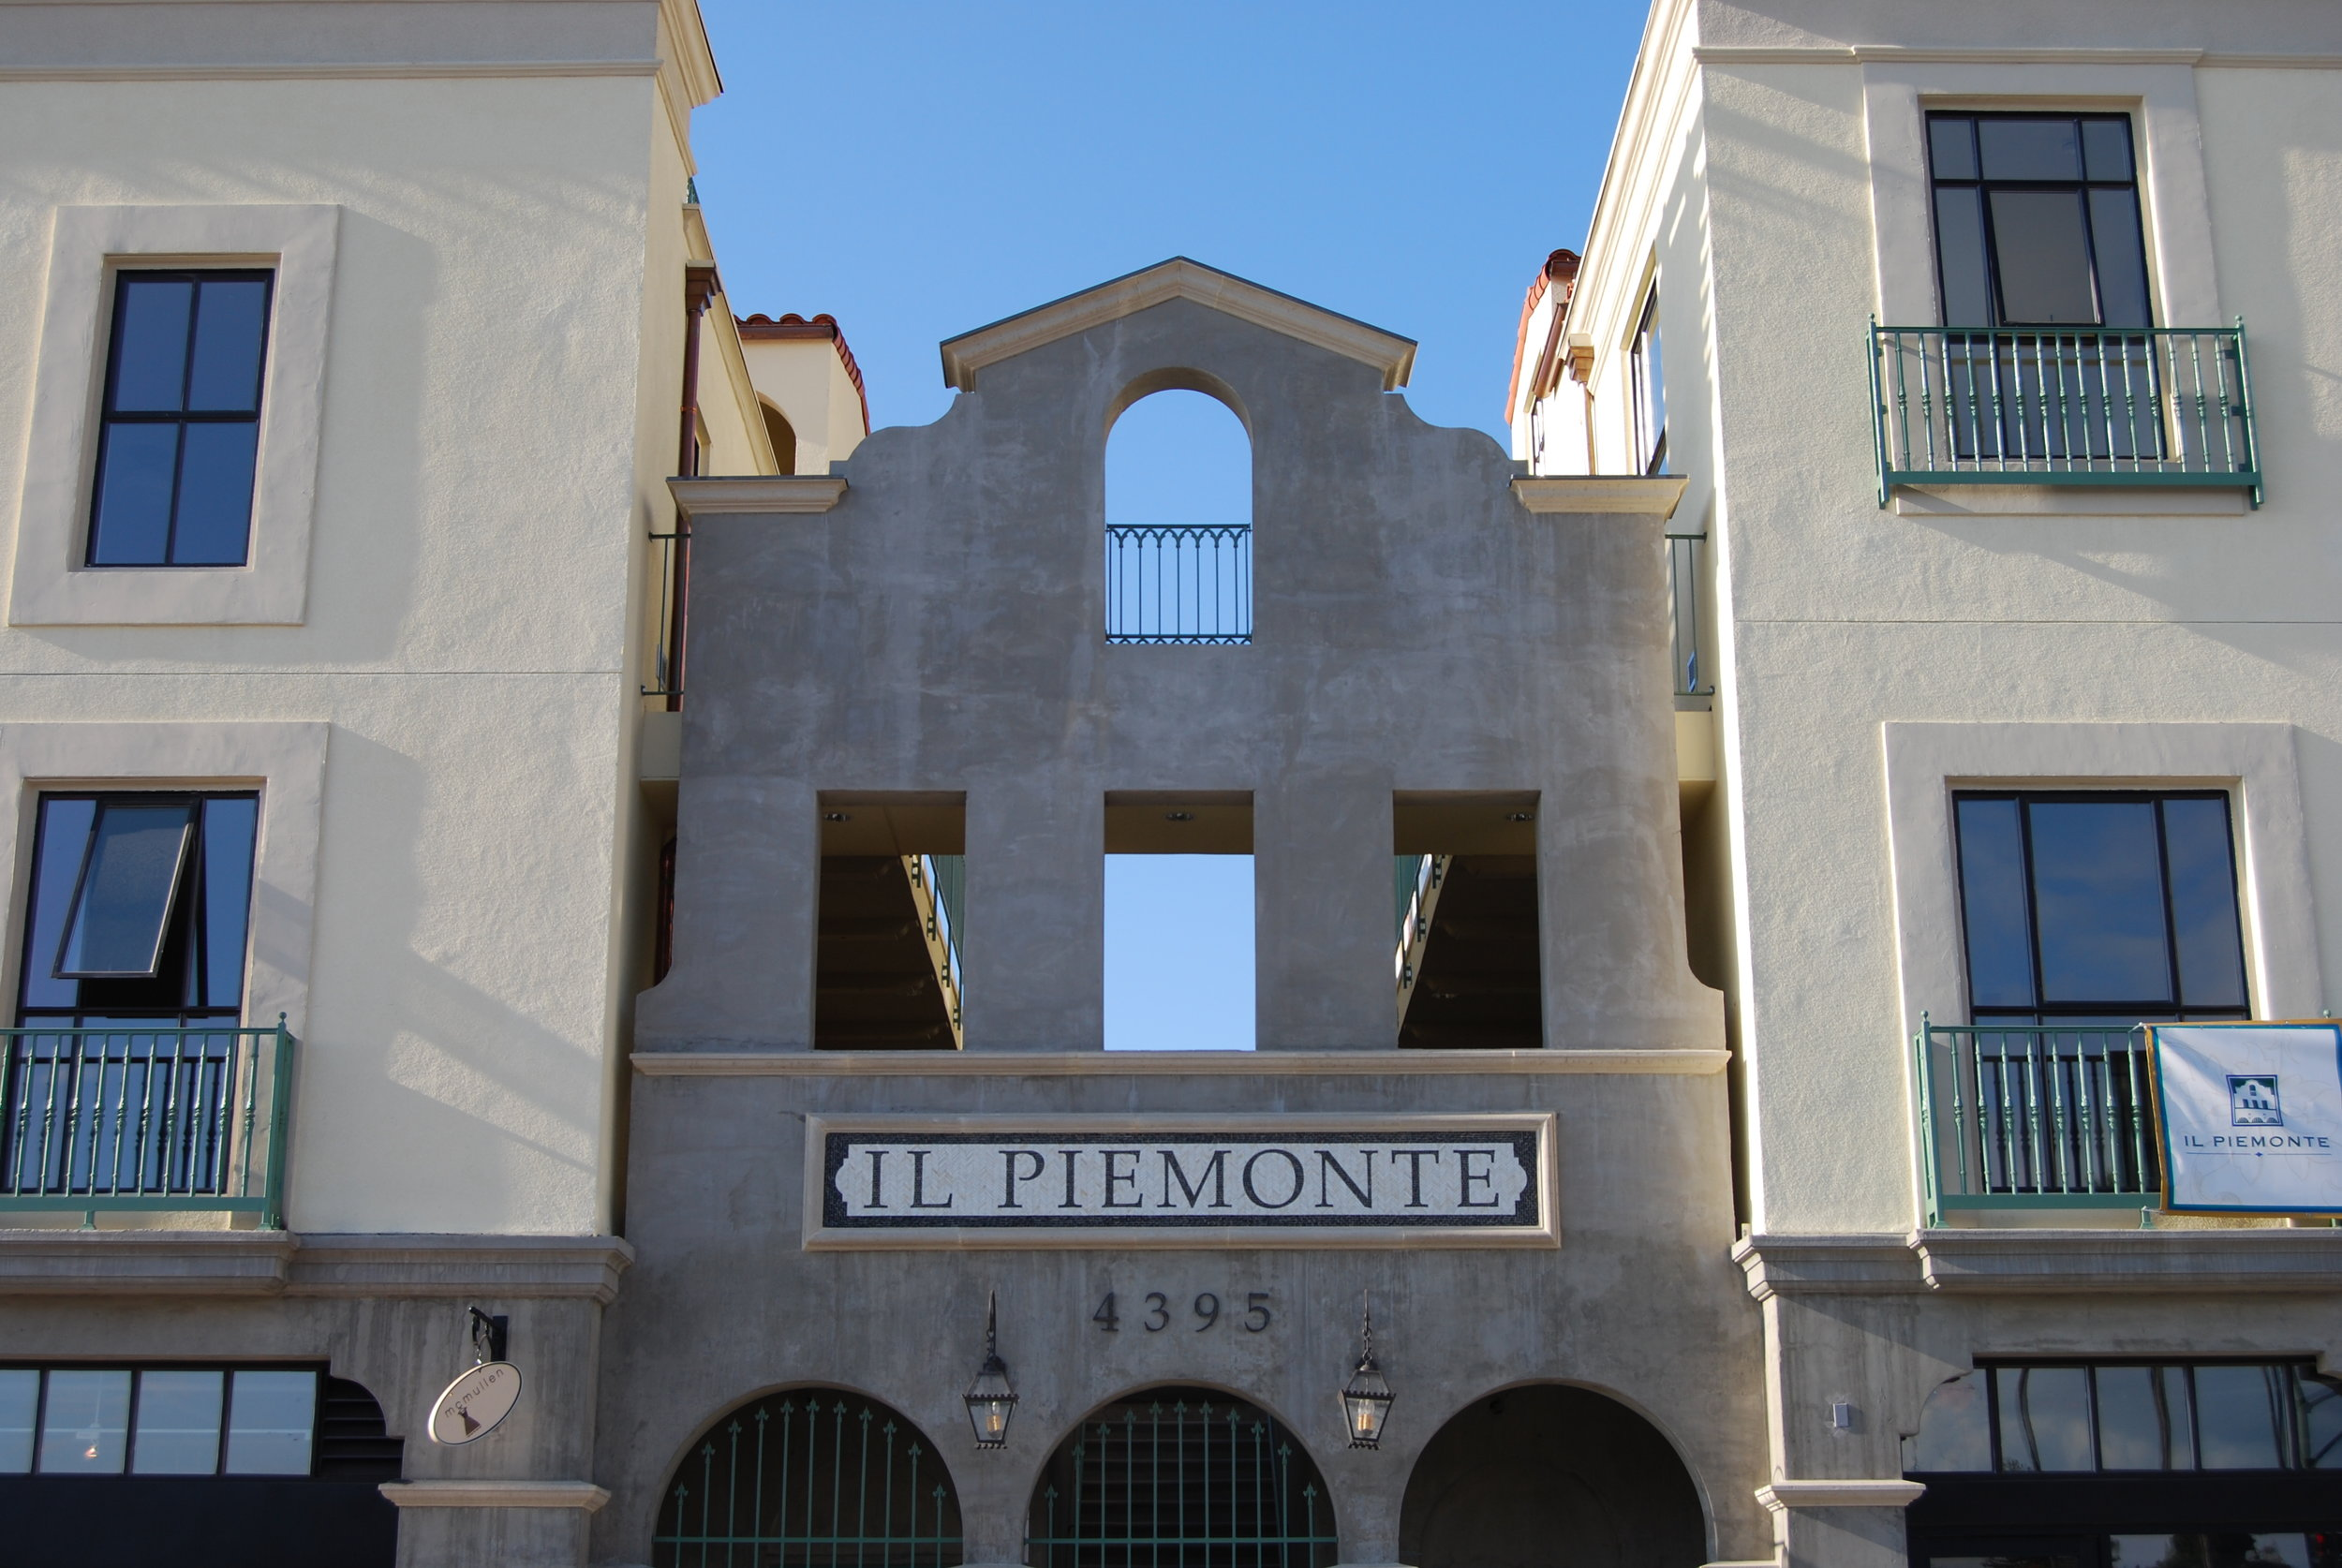 IL PIEMONTE, PIEDMONT CA.